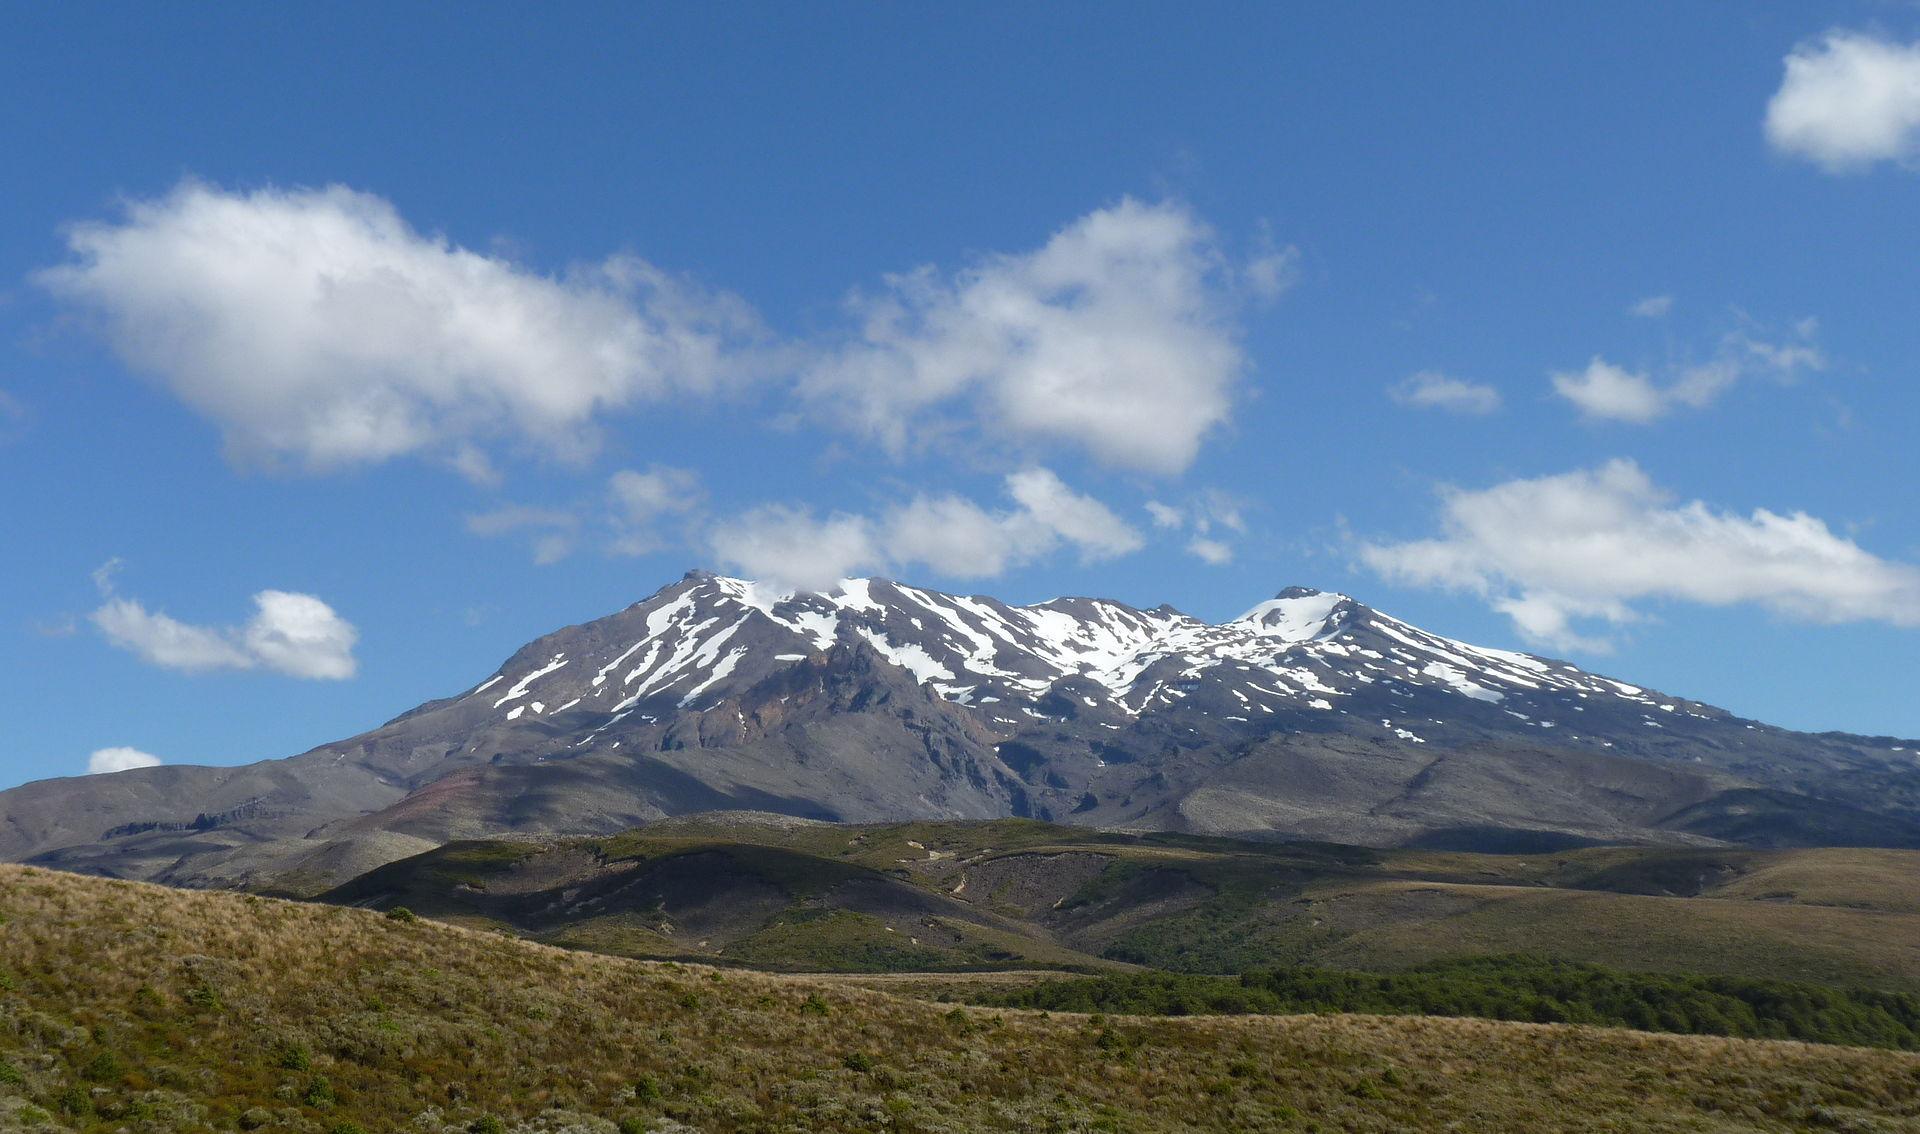 Tongariro_Northern_Circuit,_New_Zealand_(5).JPG